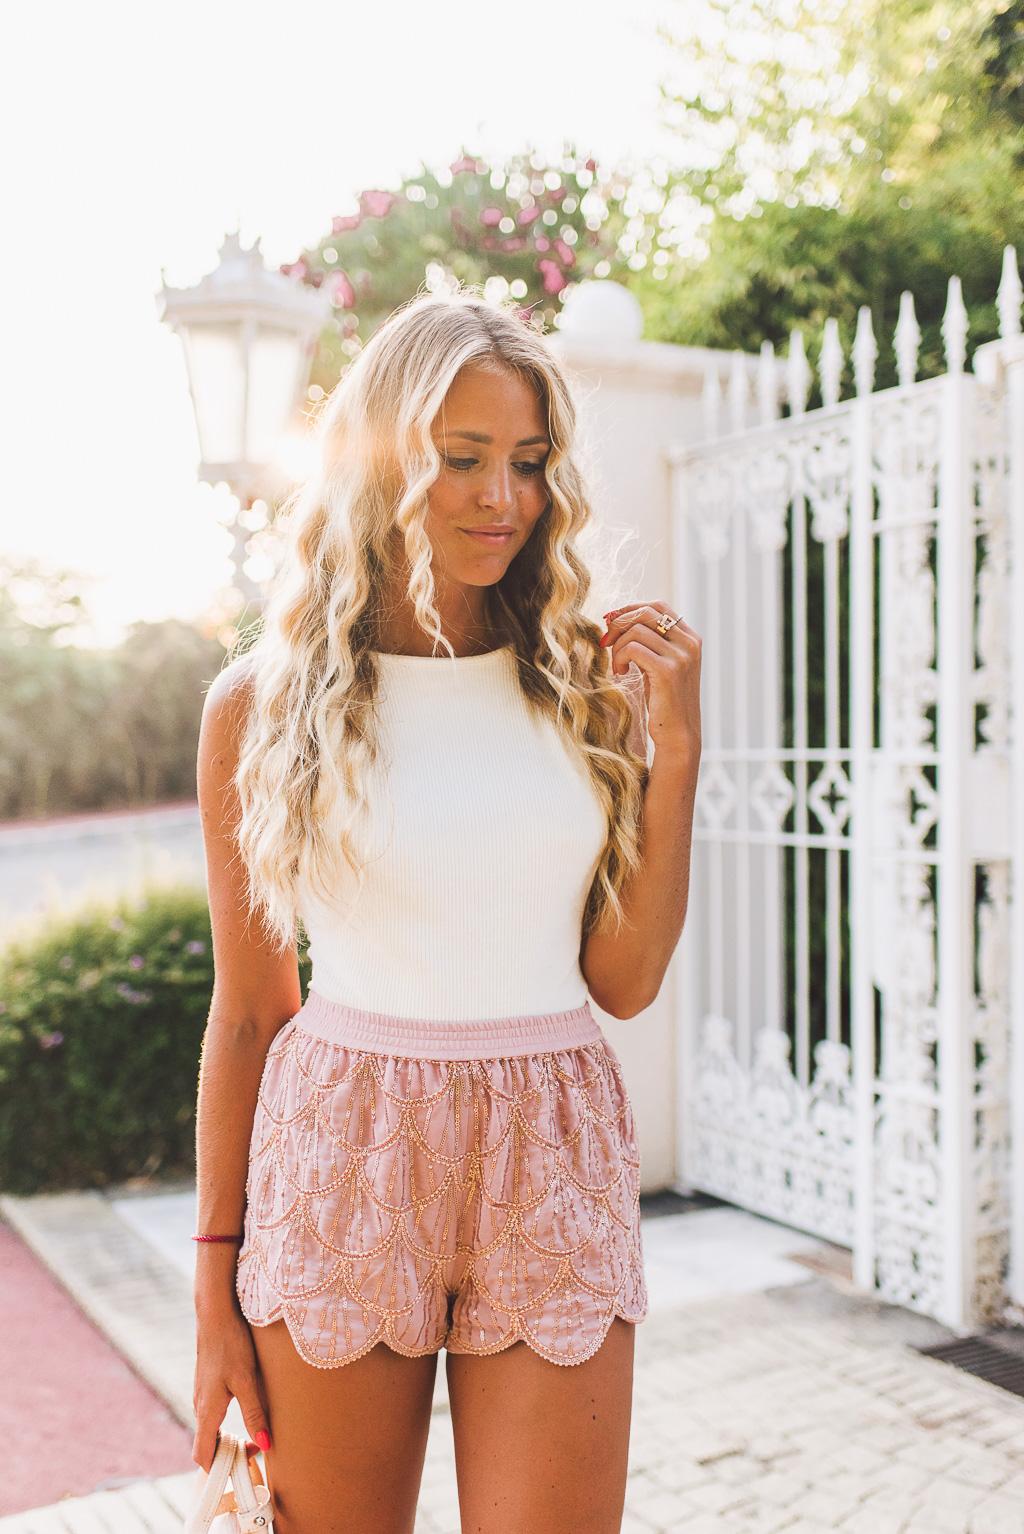 janni-deler-pink-tonesDSC_4379